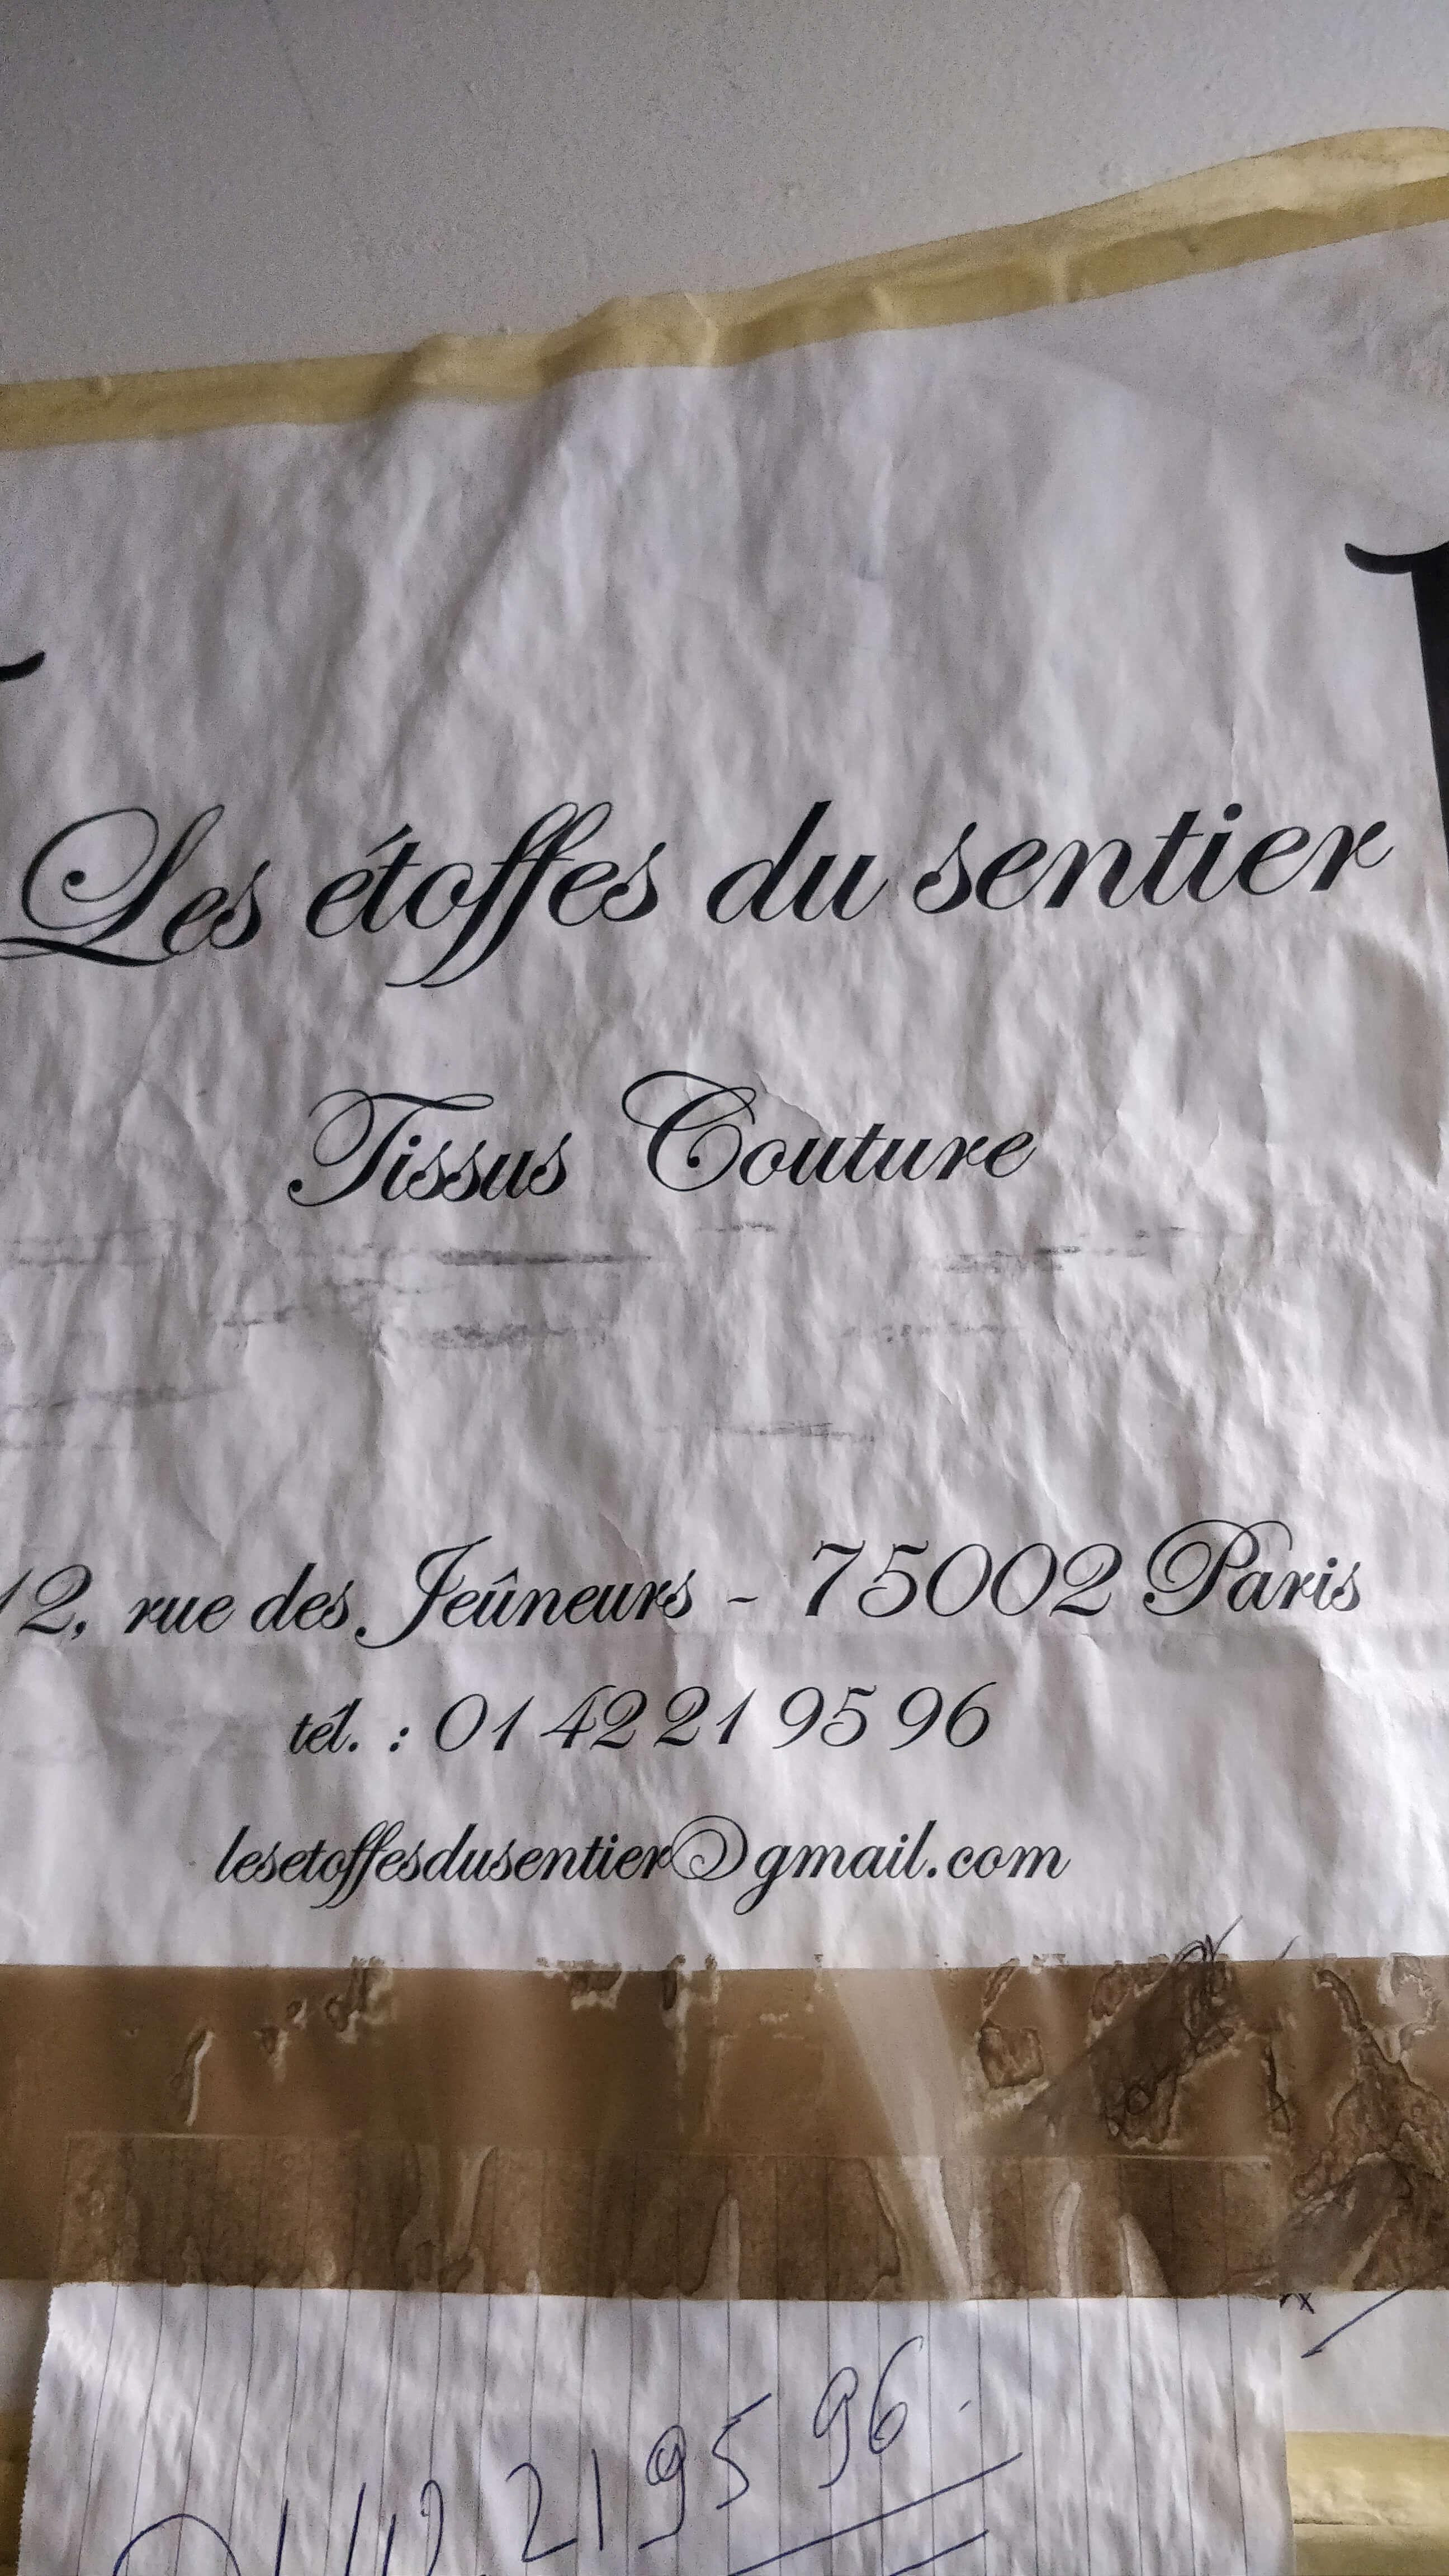 Stofbutikker i Paris - les etoffes du sentier